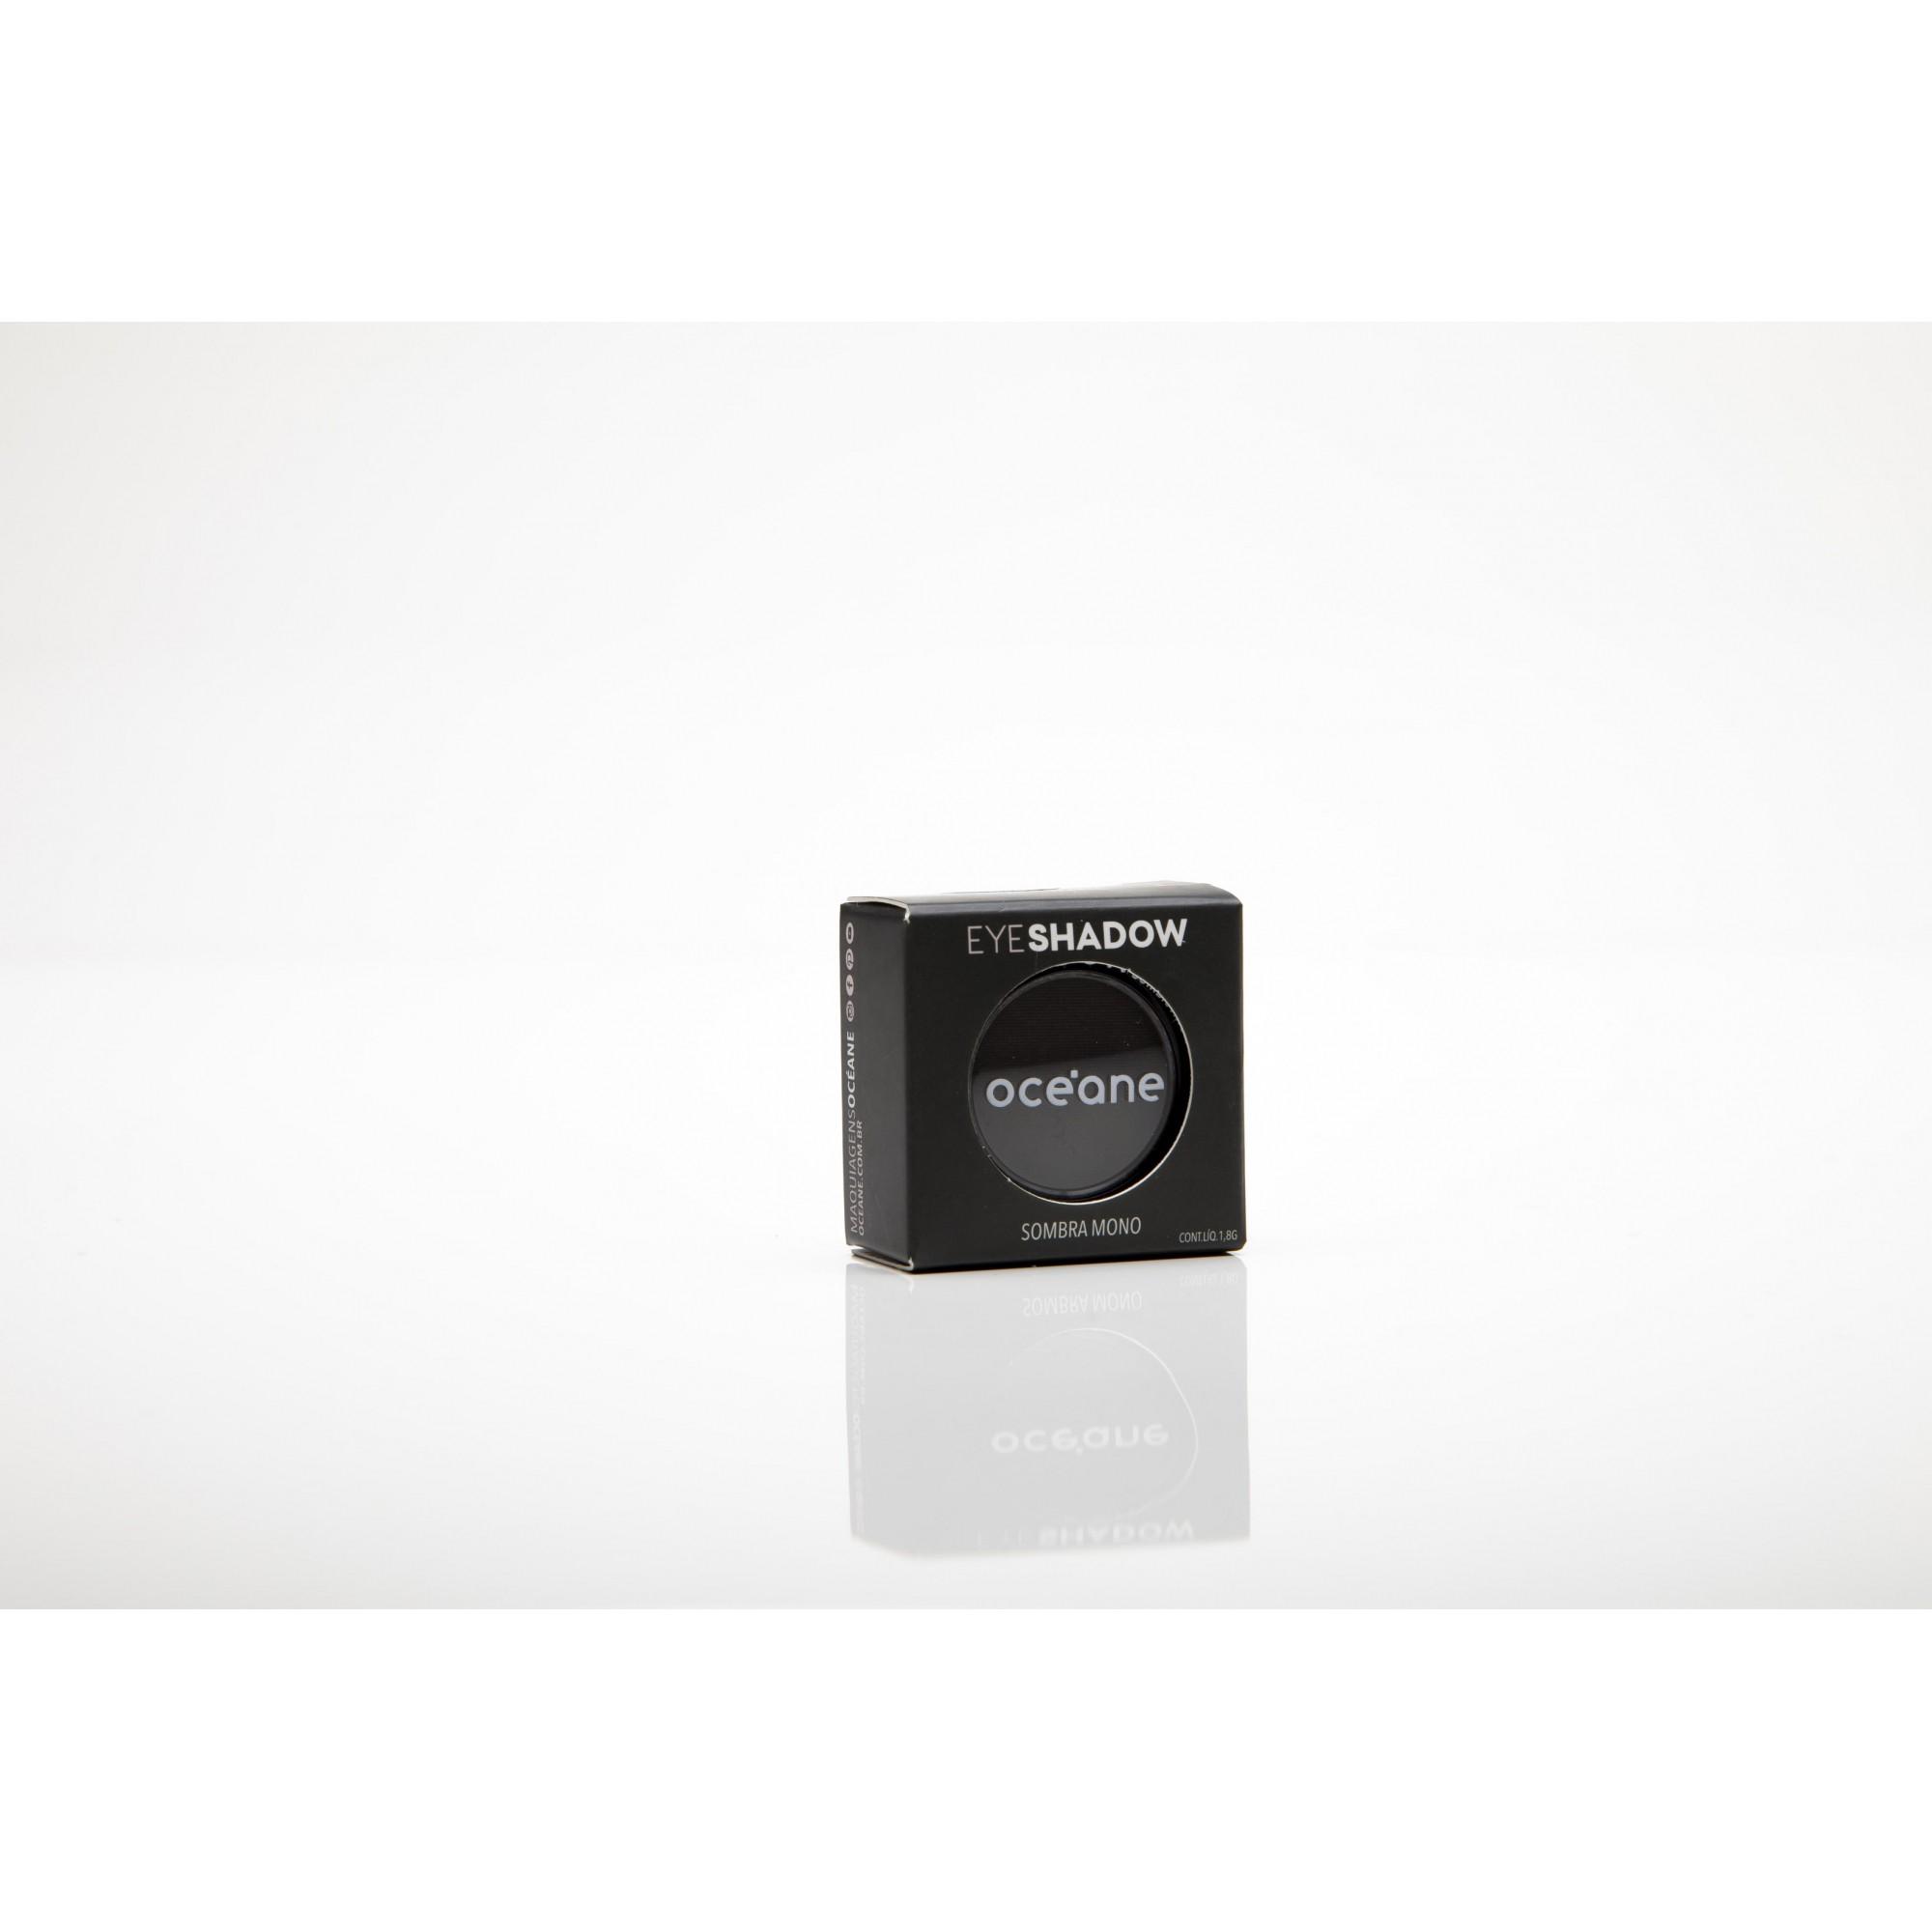 Sombra mono black matte